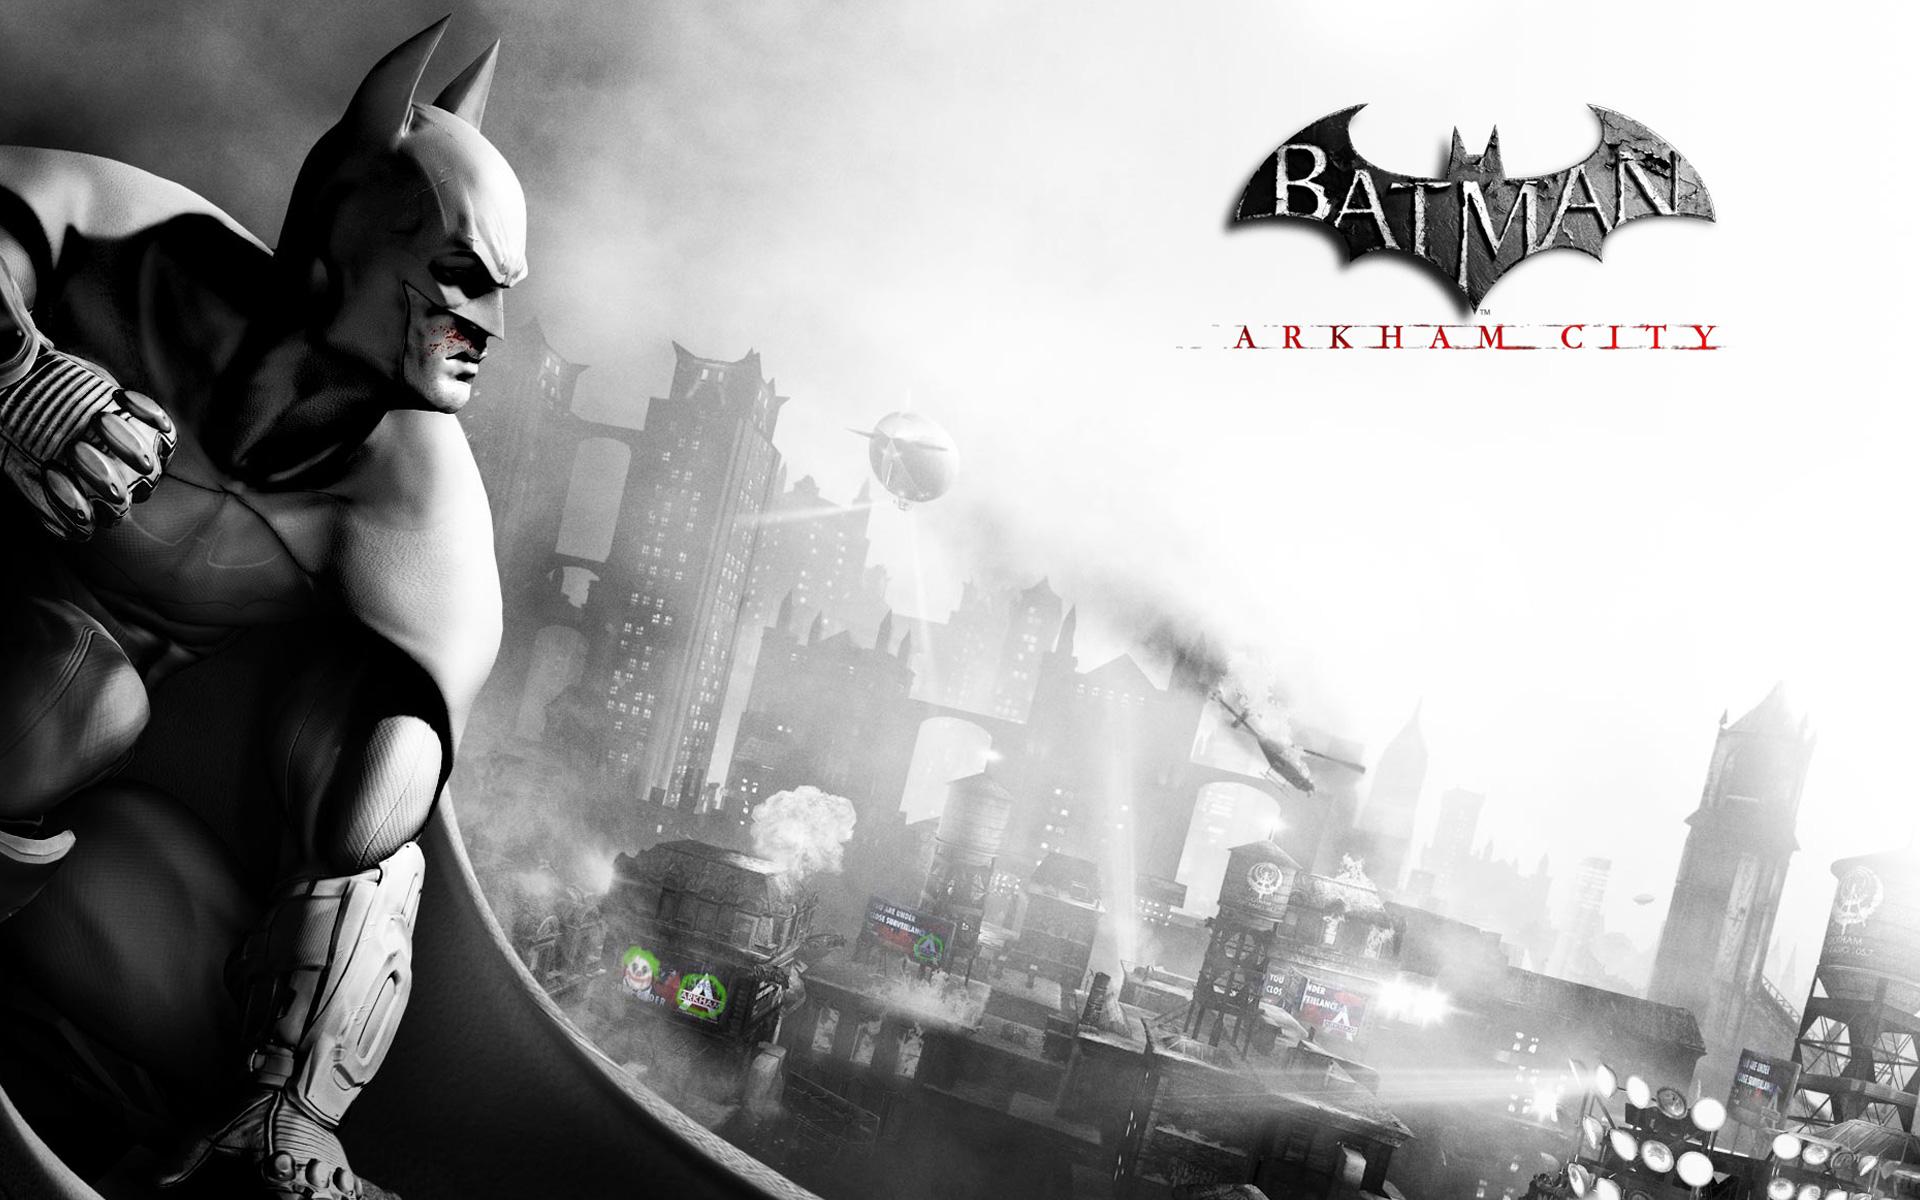 Batman Arkham City wallpaper 4